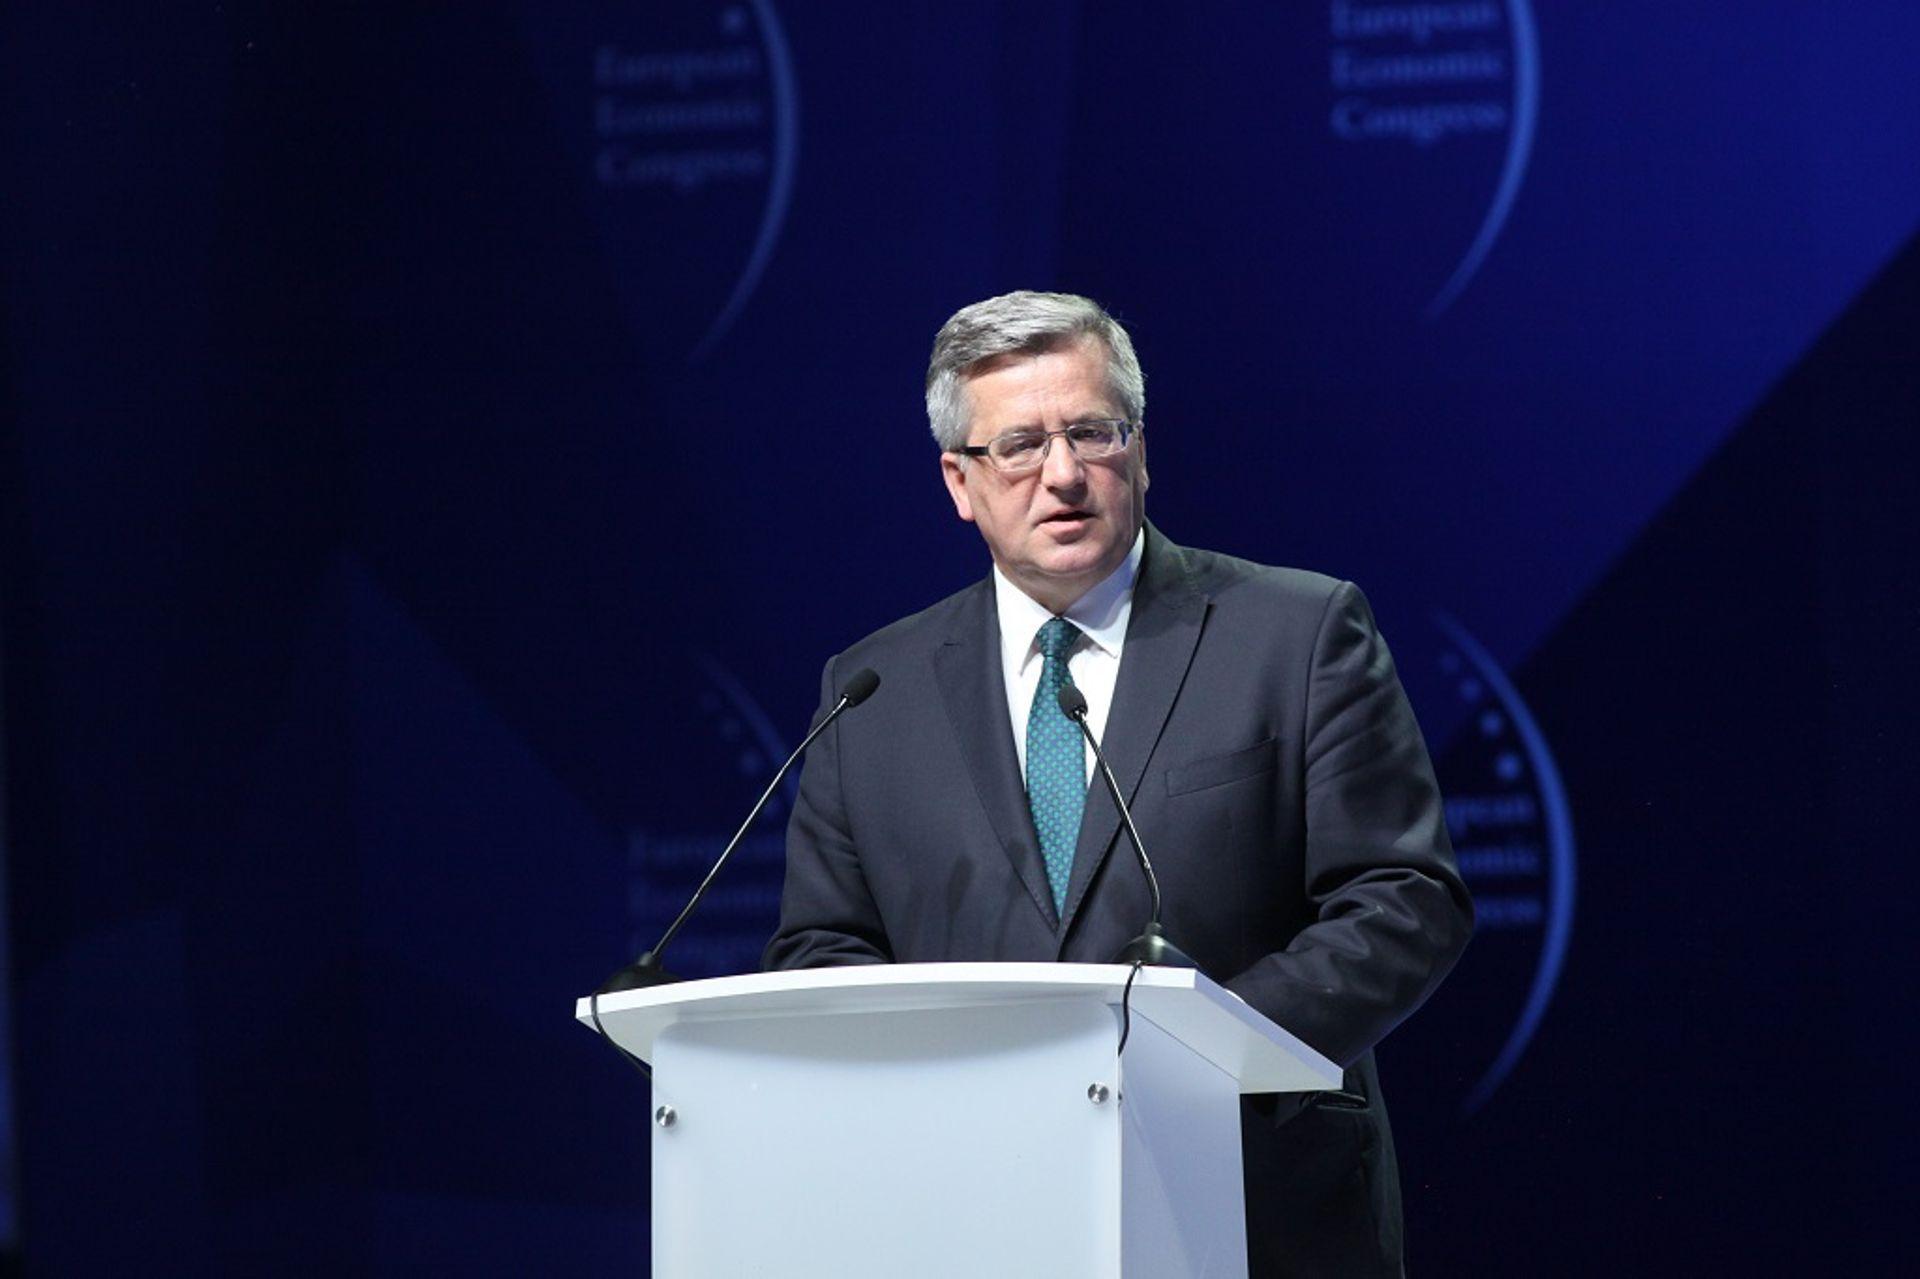 [Katowice] Podsumowanie trzeciego dnia Europejskiego Kongresu Gospodarczego w Katowicach